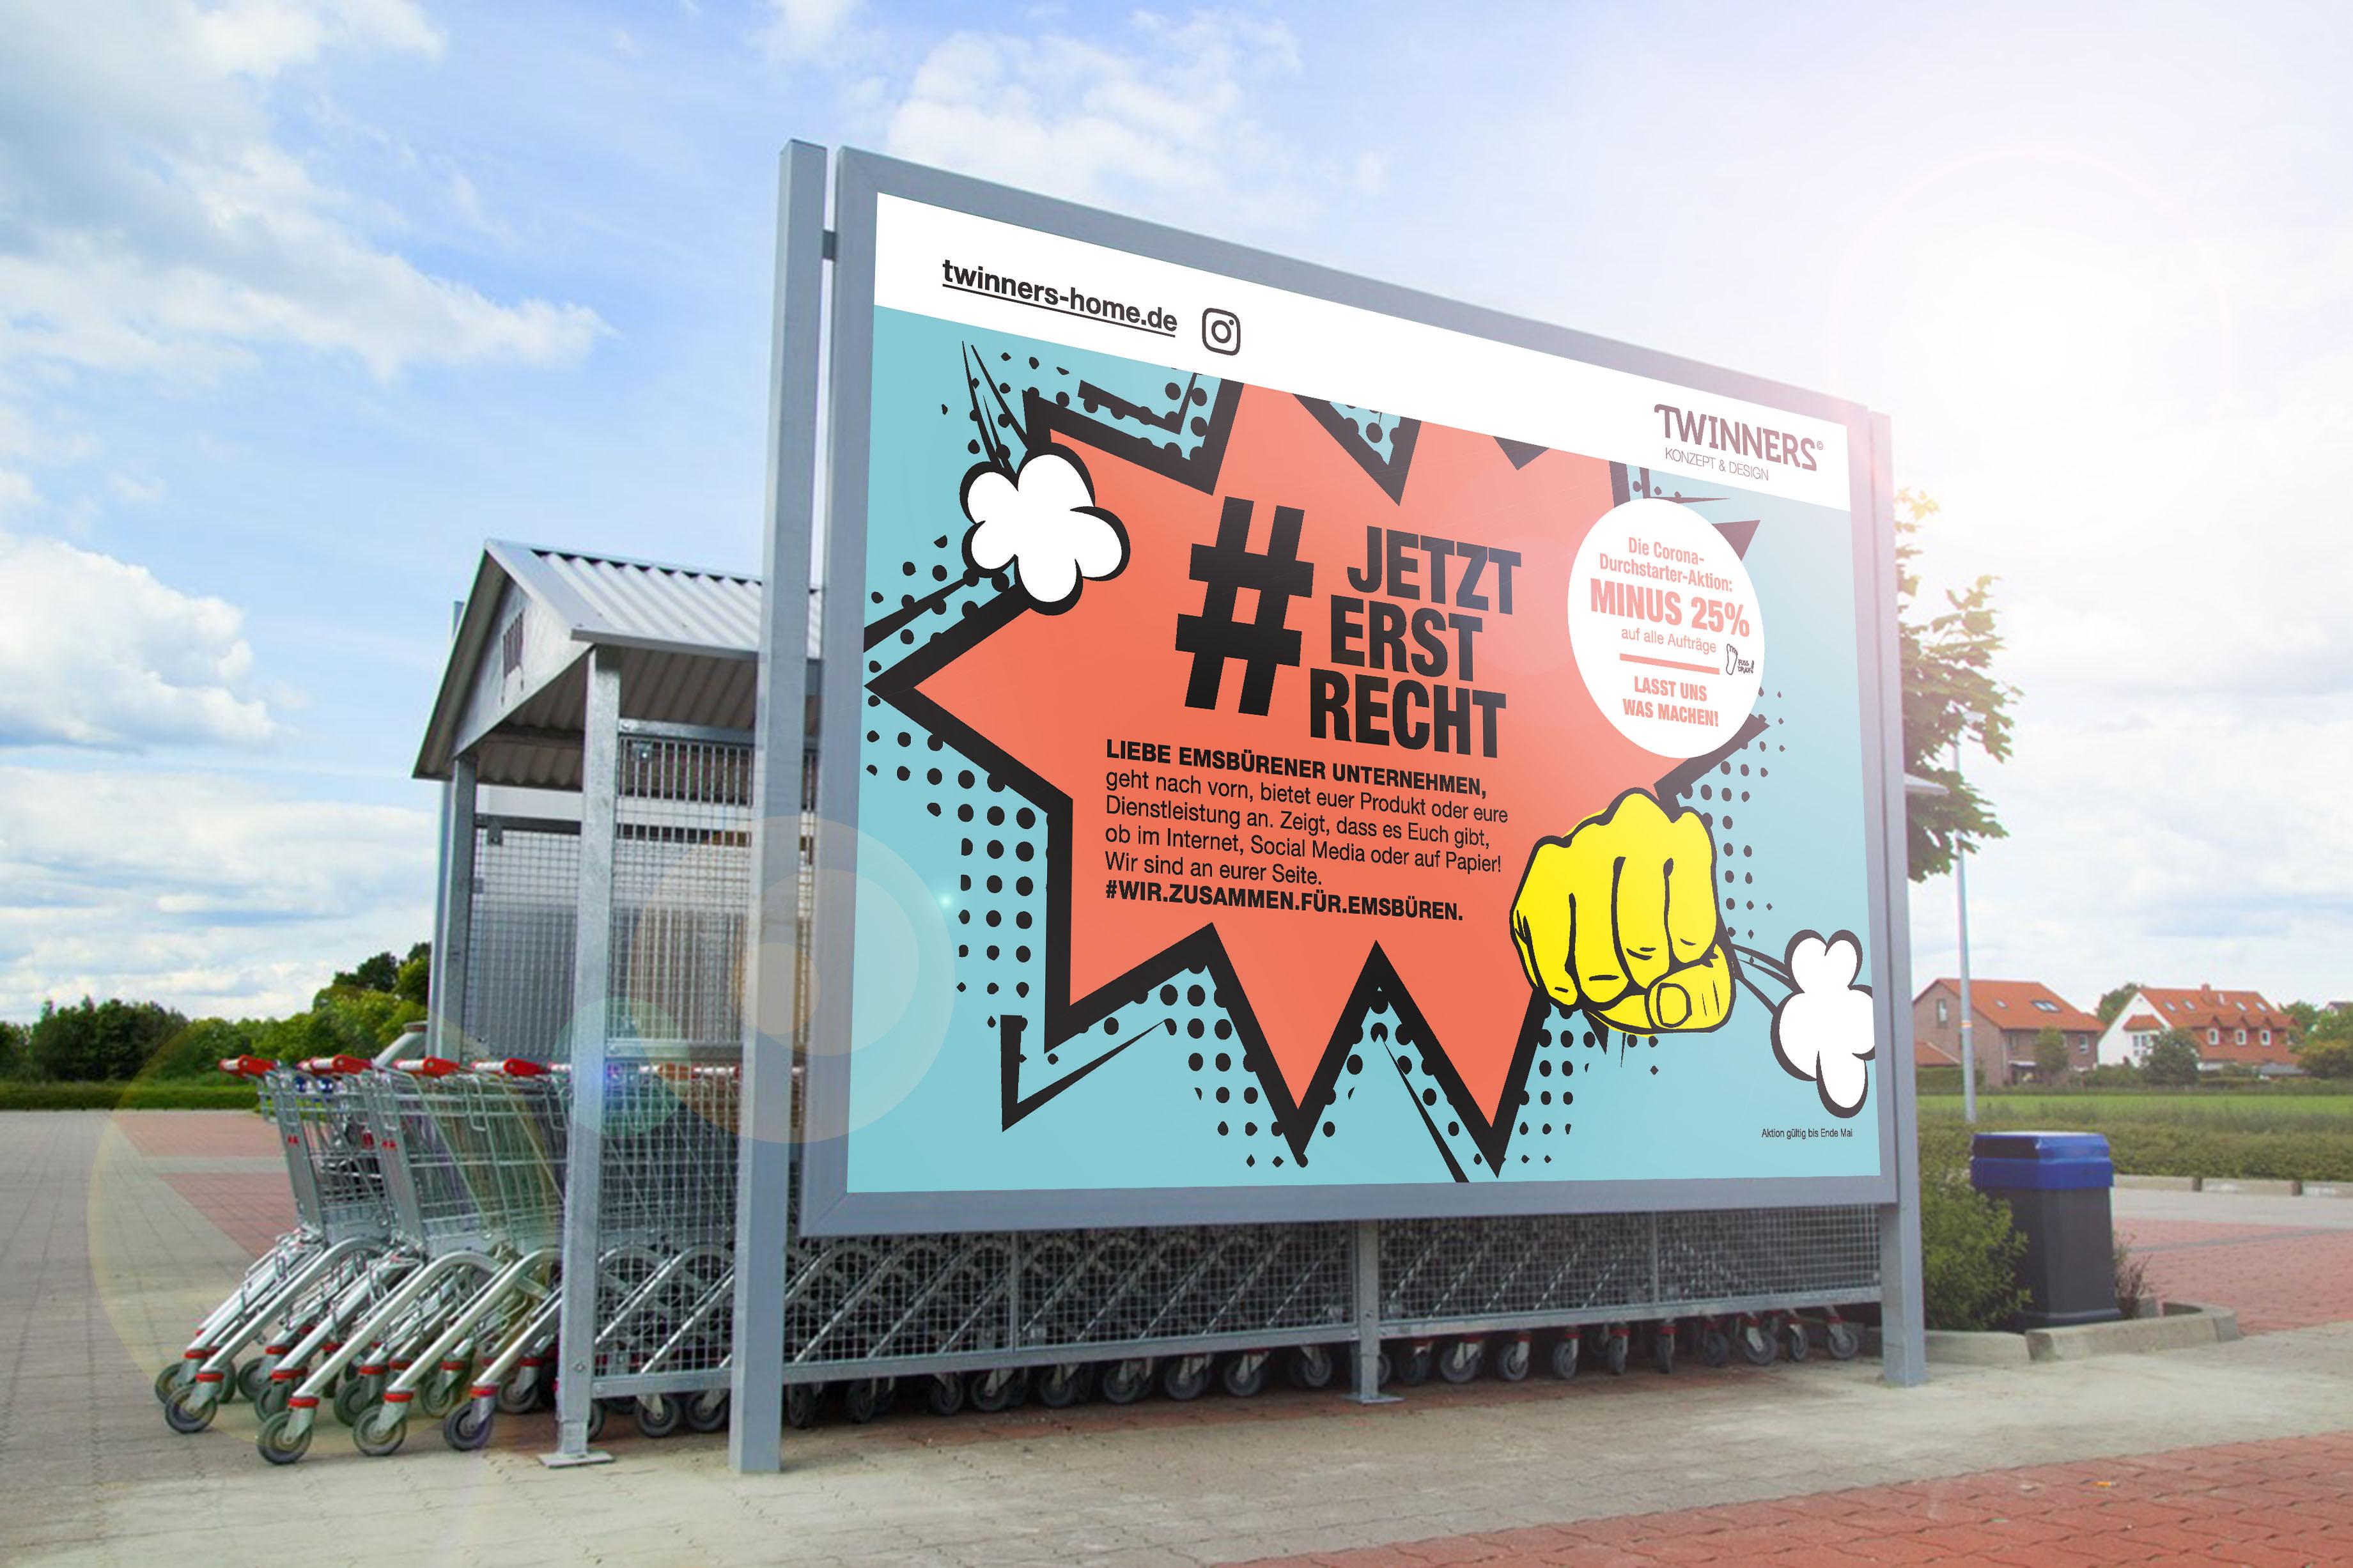 Corona Durchstartet Aktion TWINNERS Zwillingsagentur Werbeagentur Designagentur Design Werbung Konzept Emsbüren Plettenberg